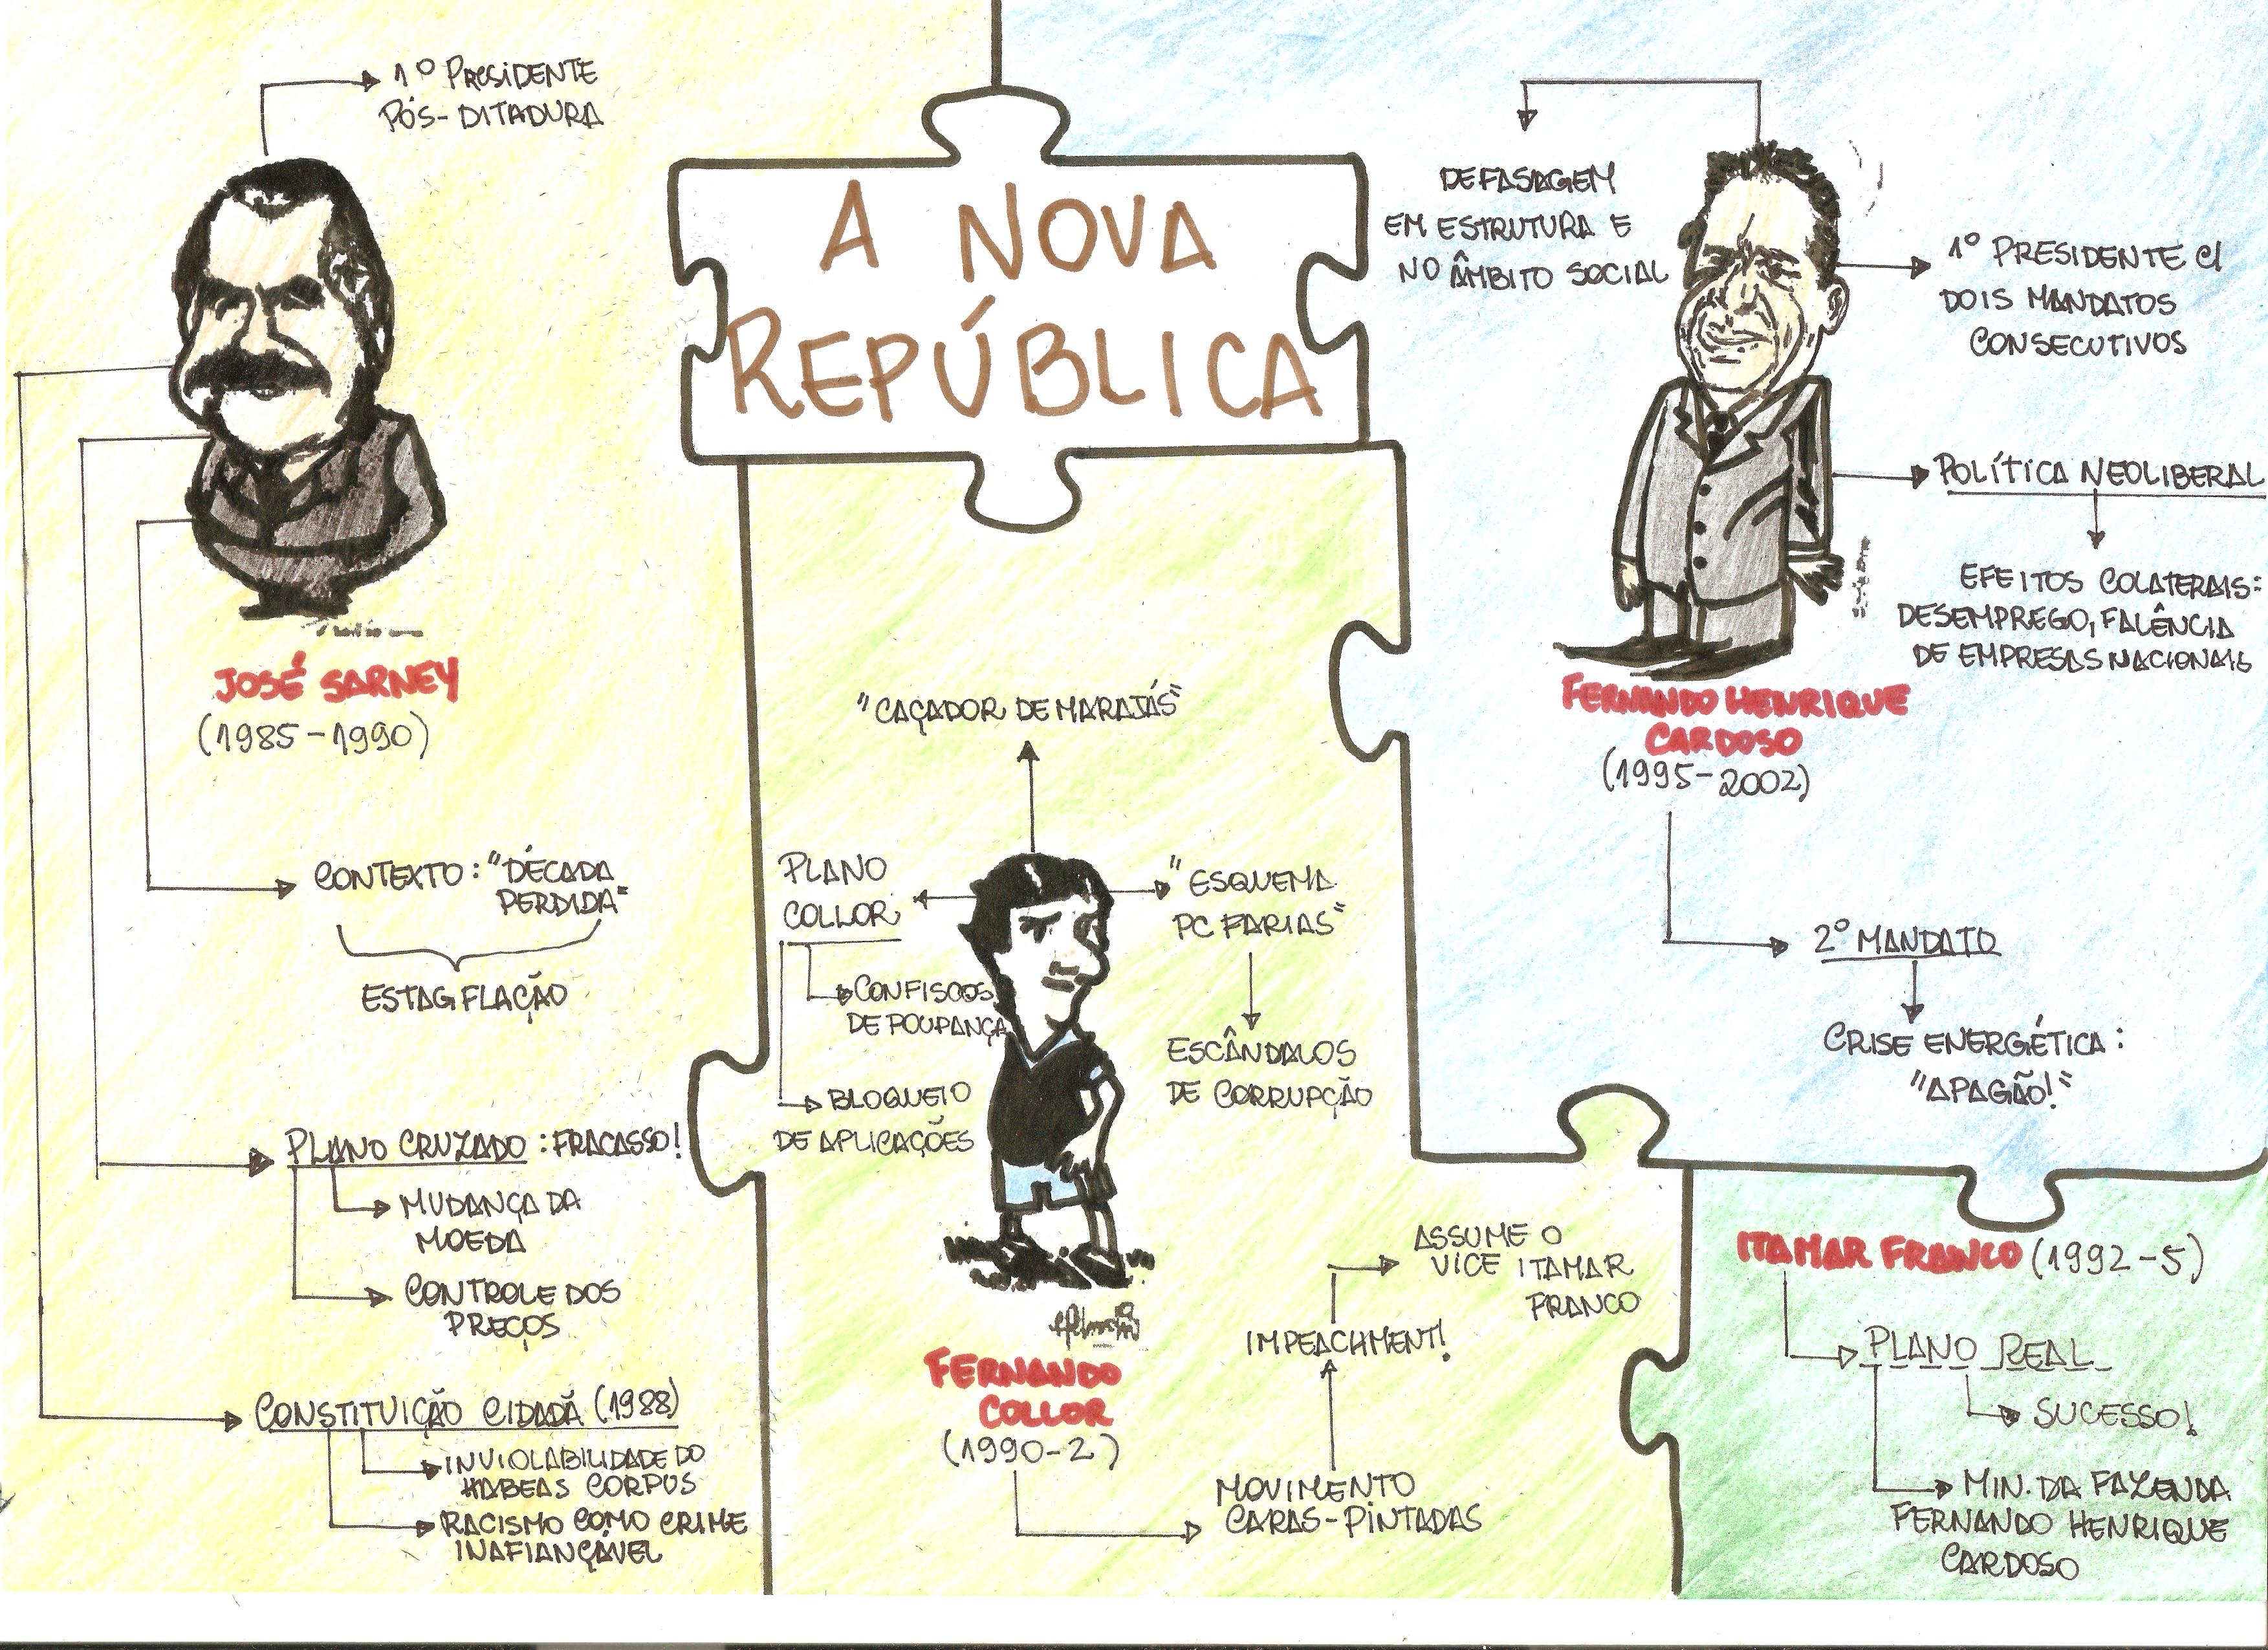 nova republica